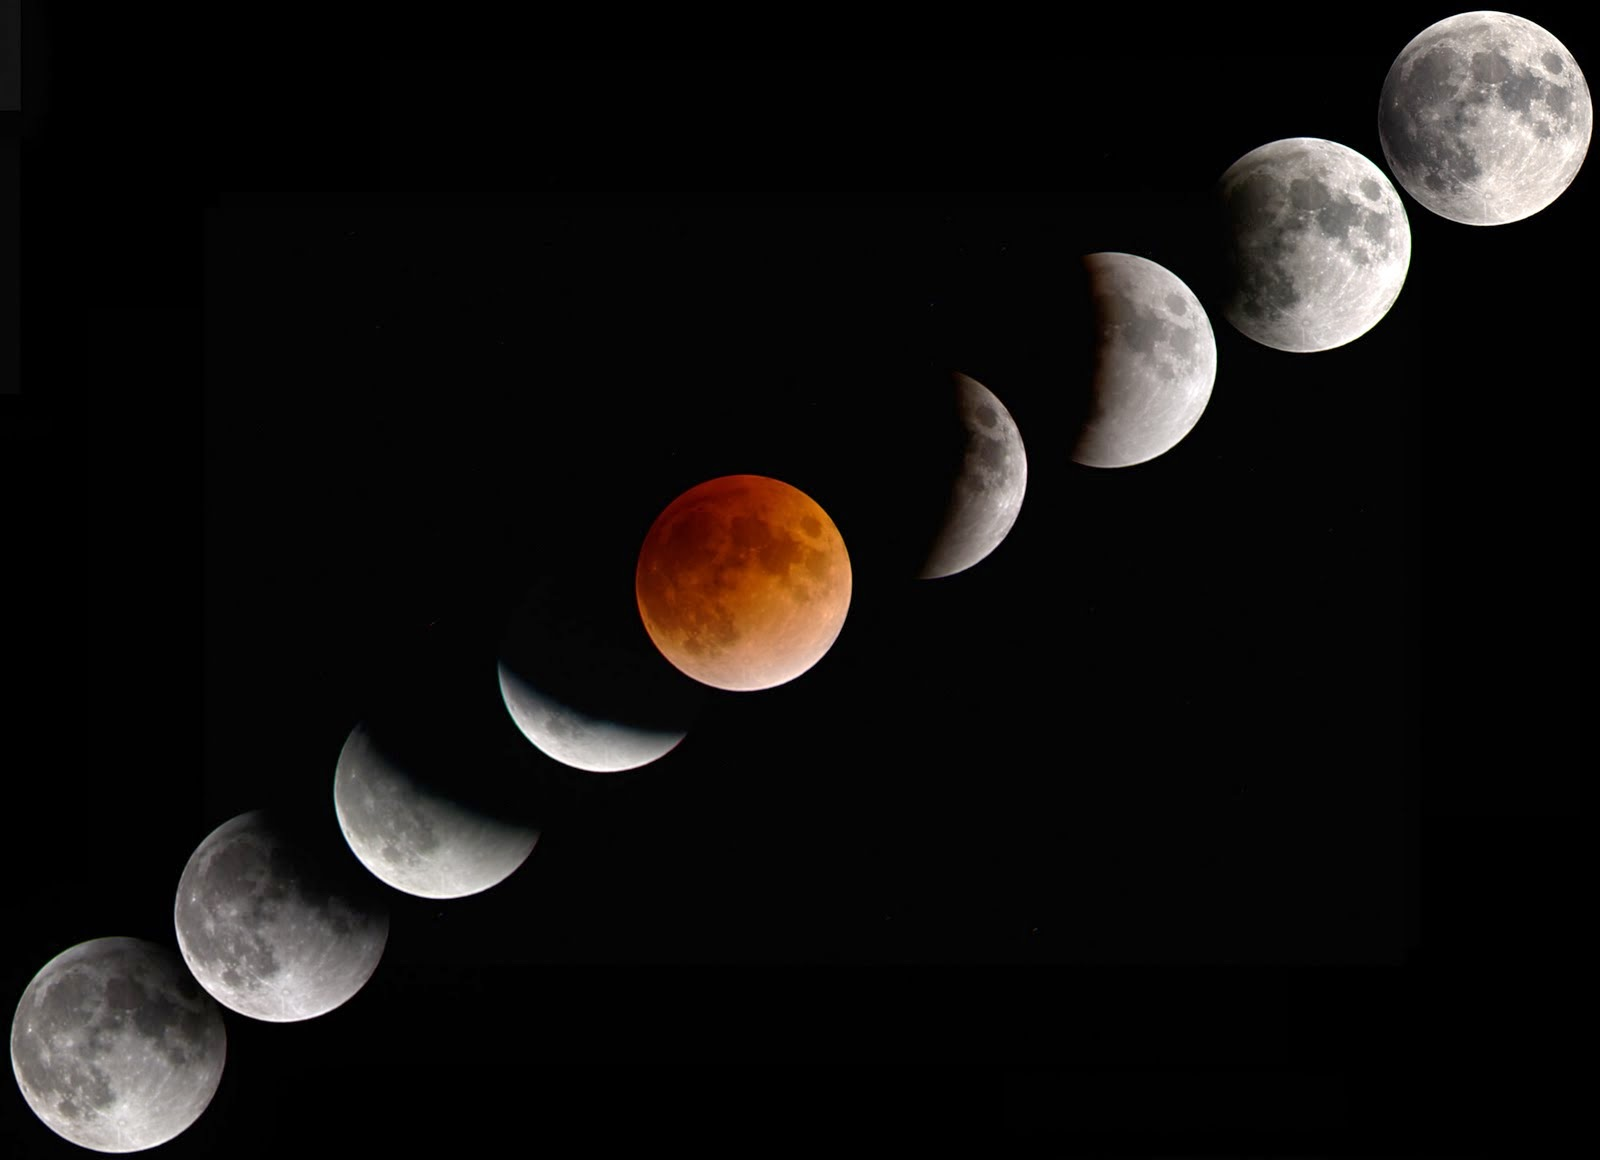 La ciencia es bella c mo son los eclipses desde la luna for En que luna estamos